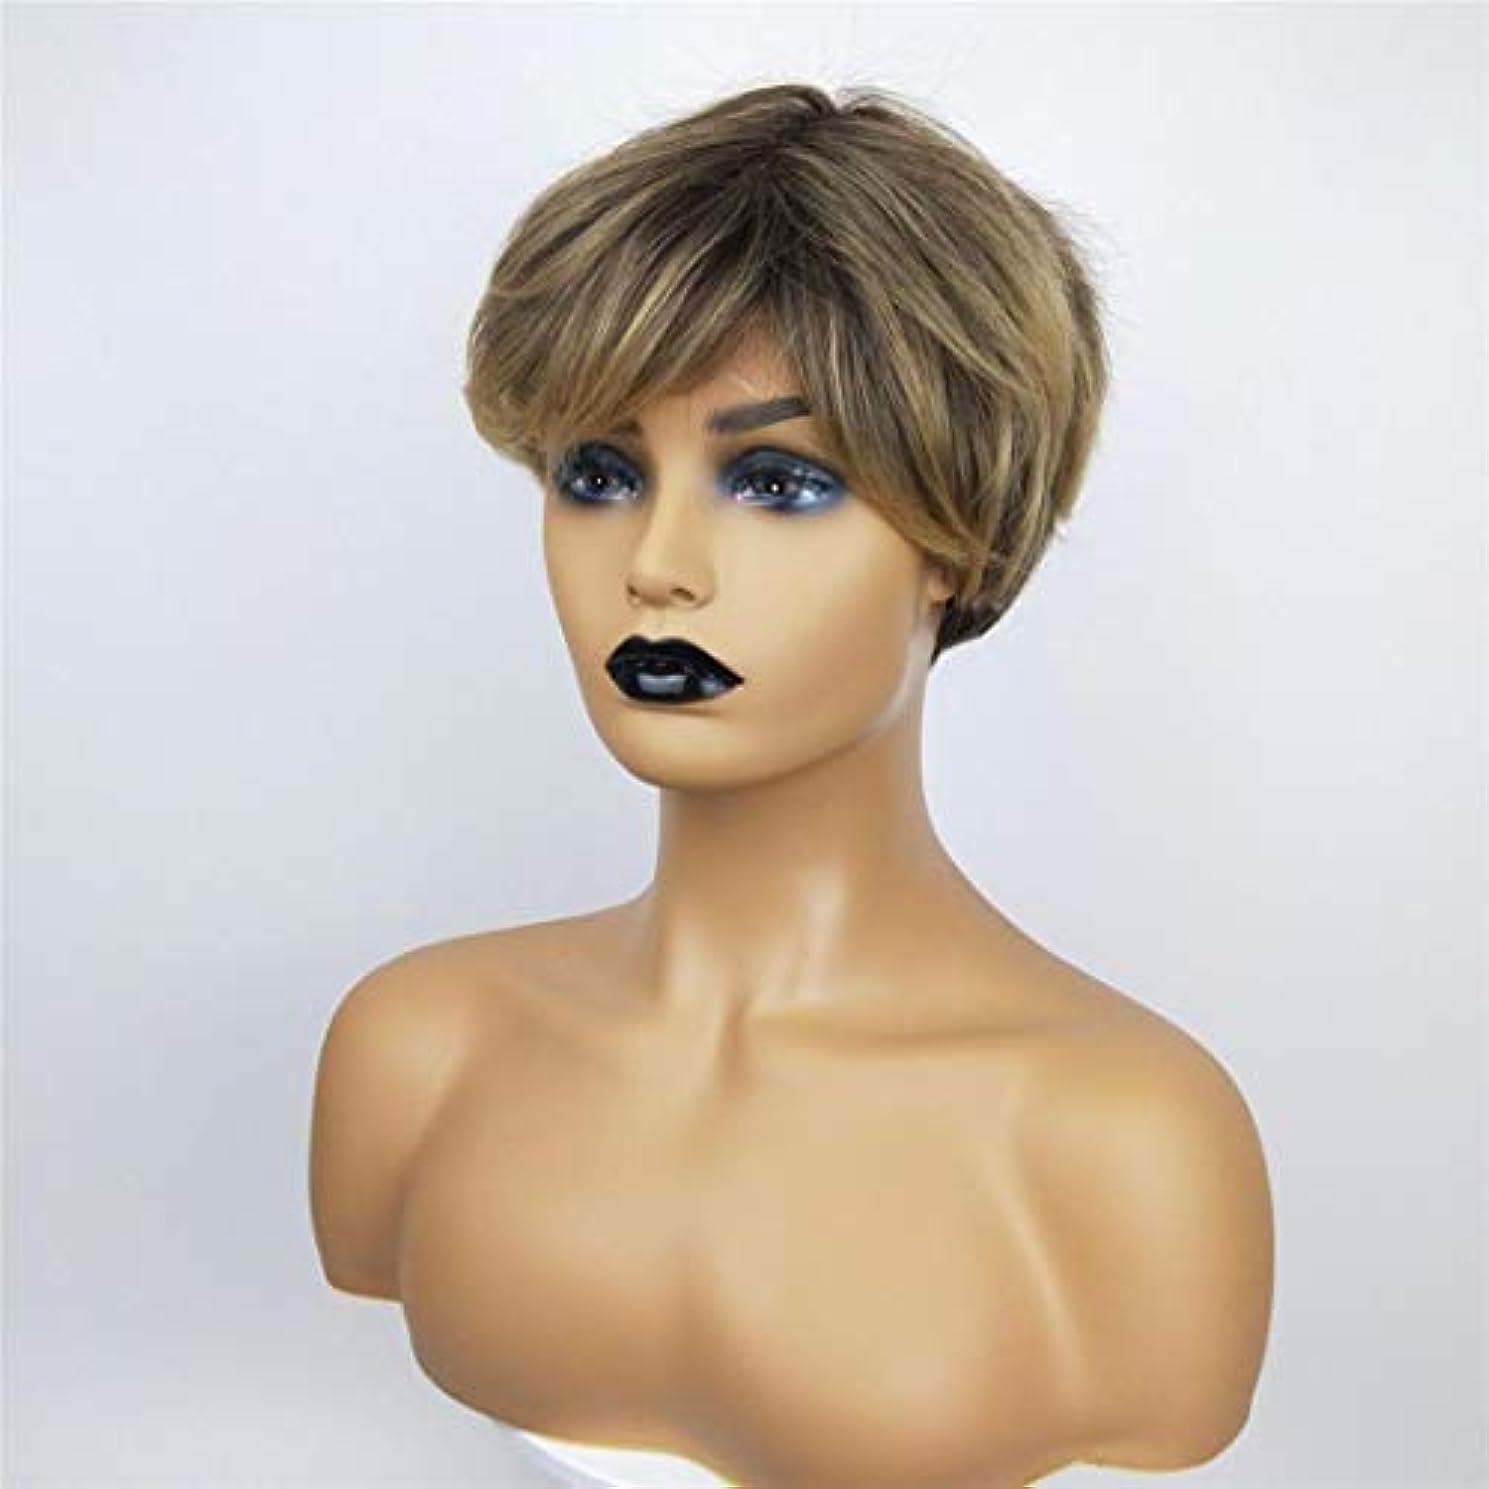 存在ピボット航海のKerwinner 女性のための短い巻き毛のかつら高温シルクケミカルファイバーウィッグヘッドギア